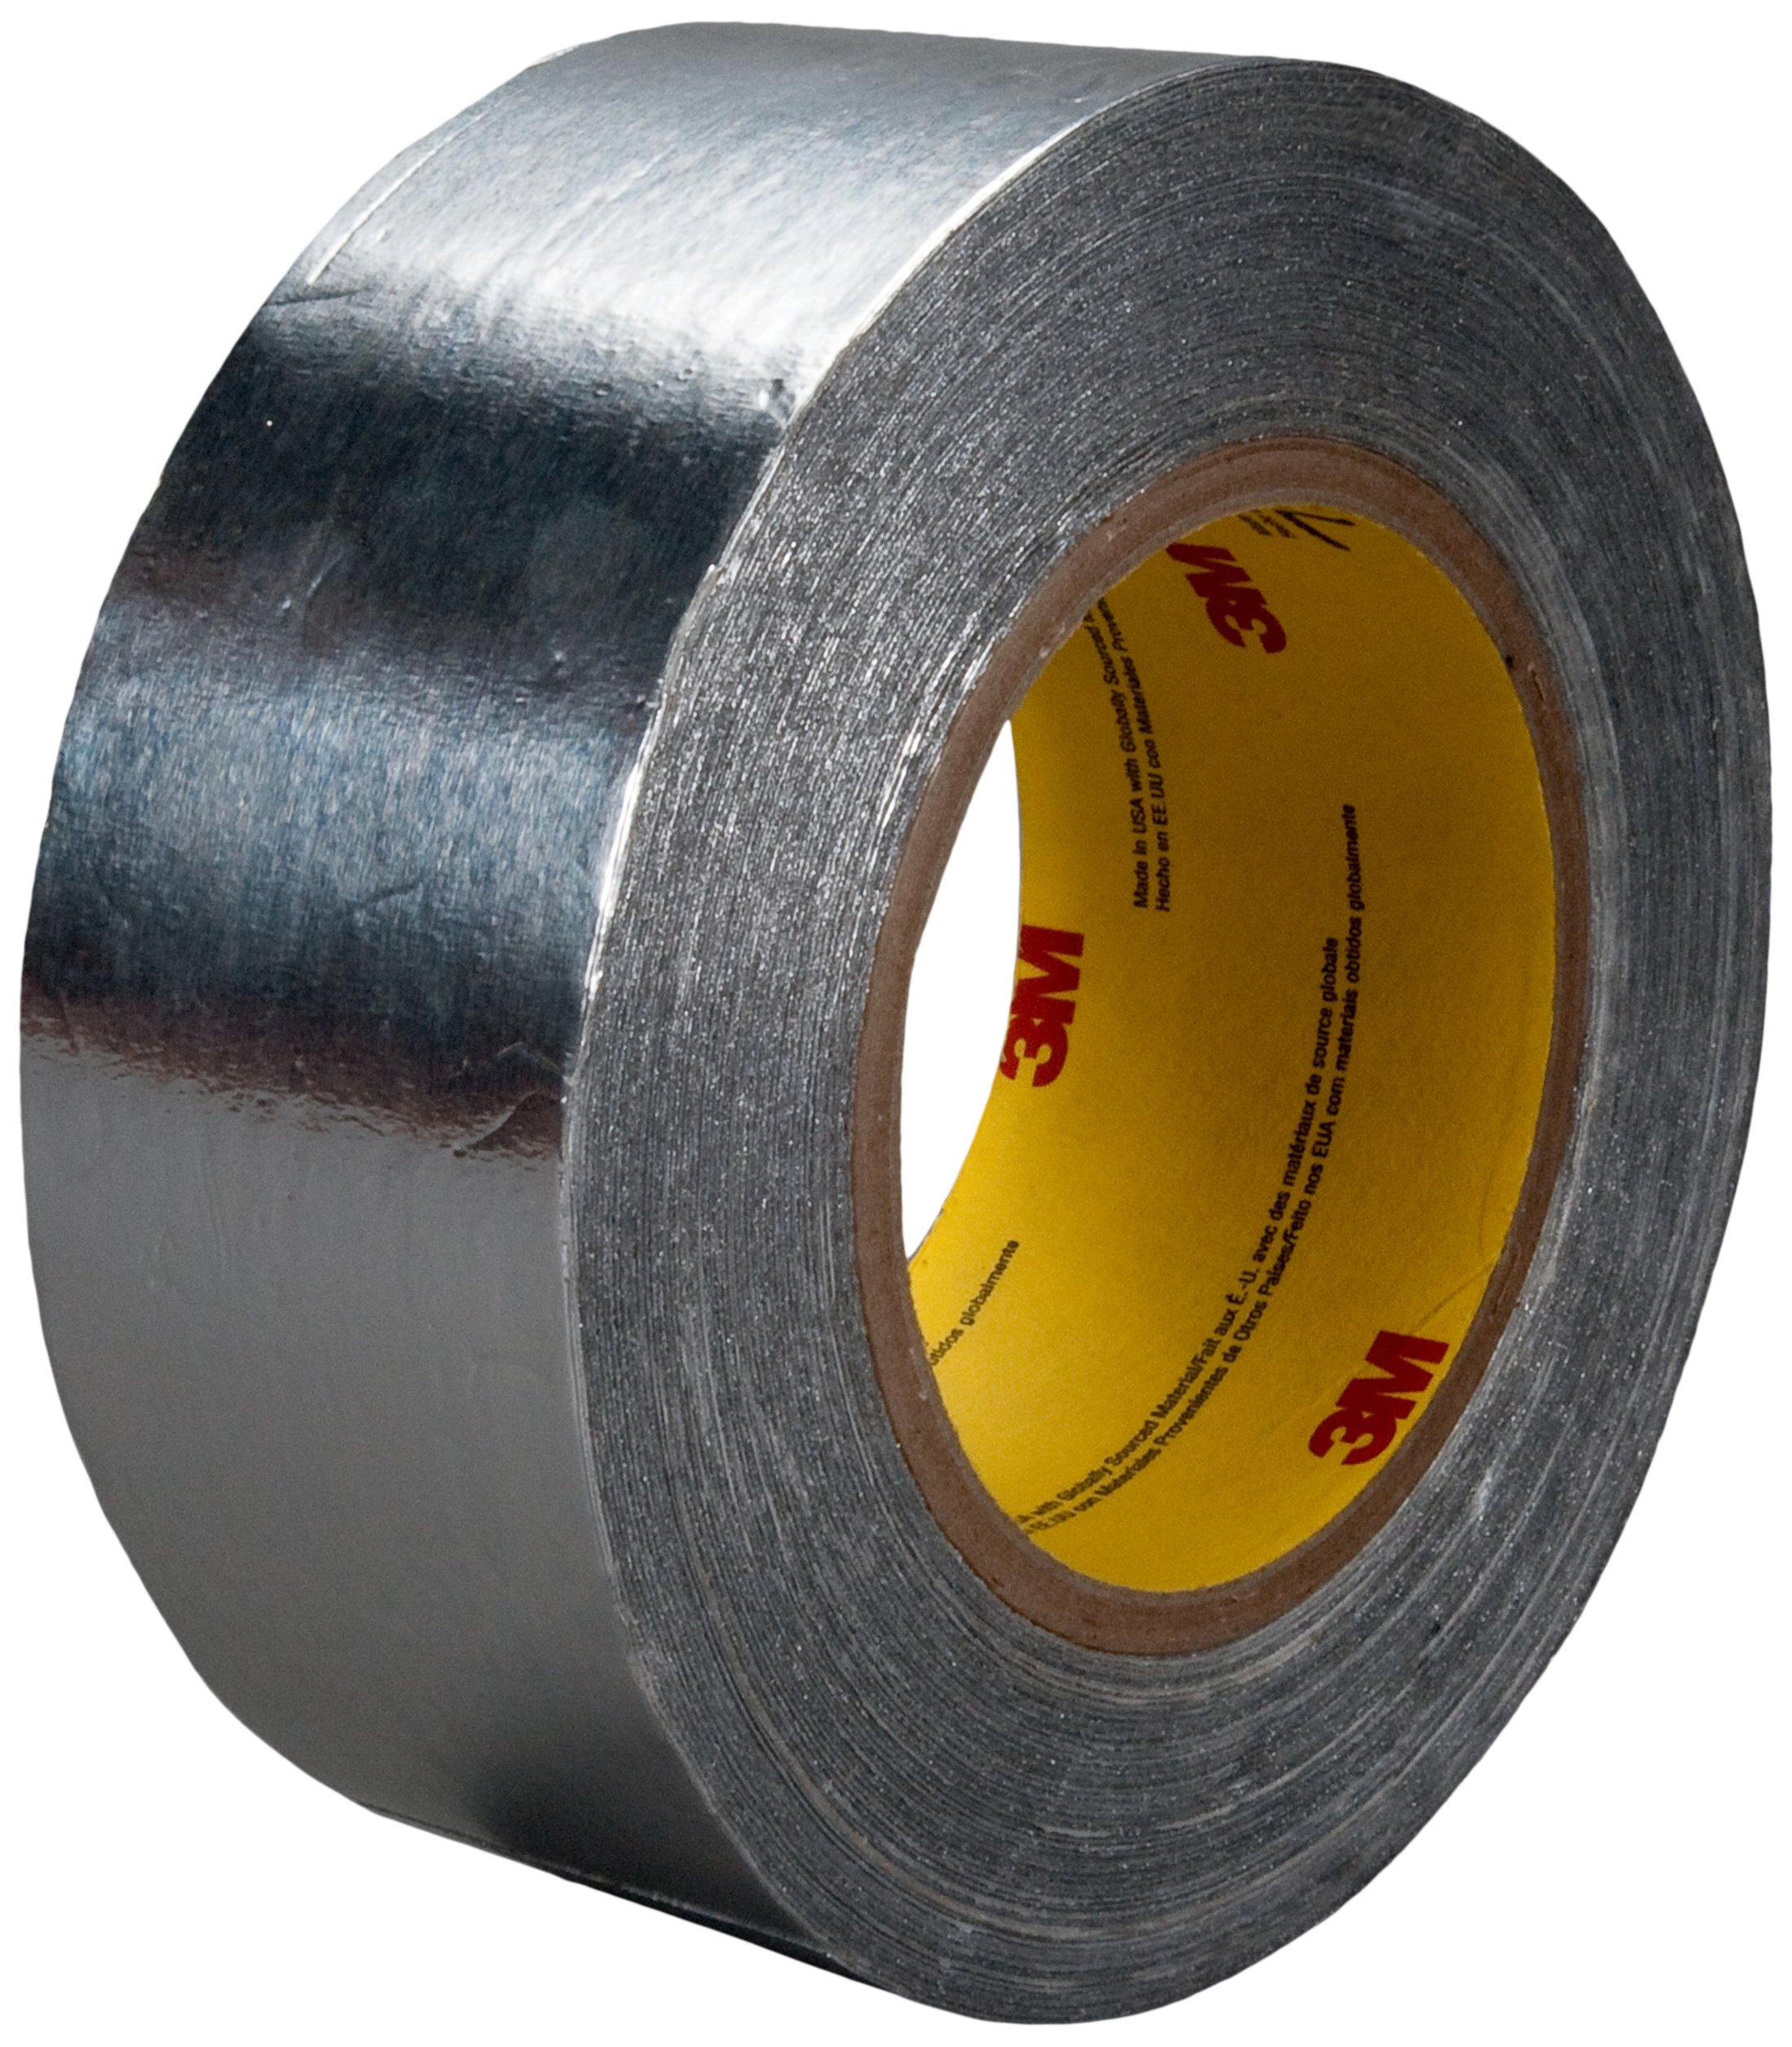 Aluminum Foil/Reinforced Tape 1430, 25 mm x 55 m 5.5 mil